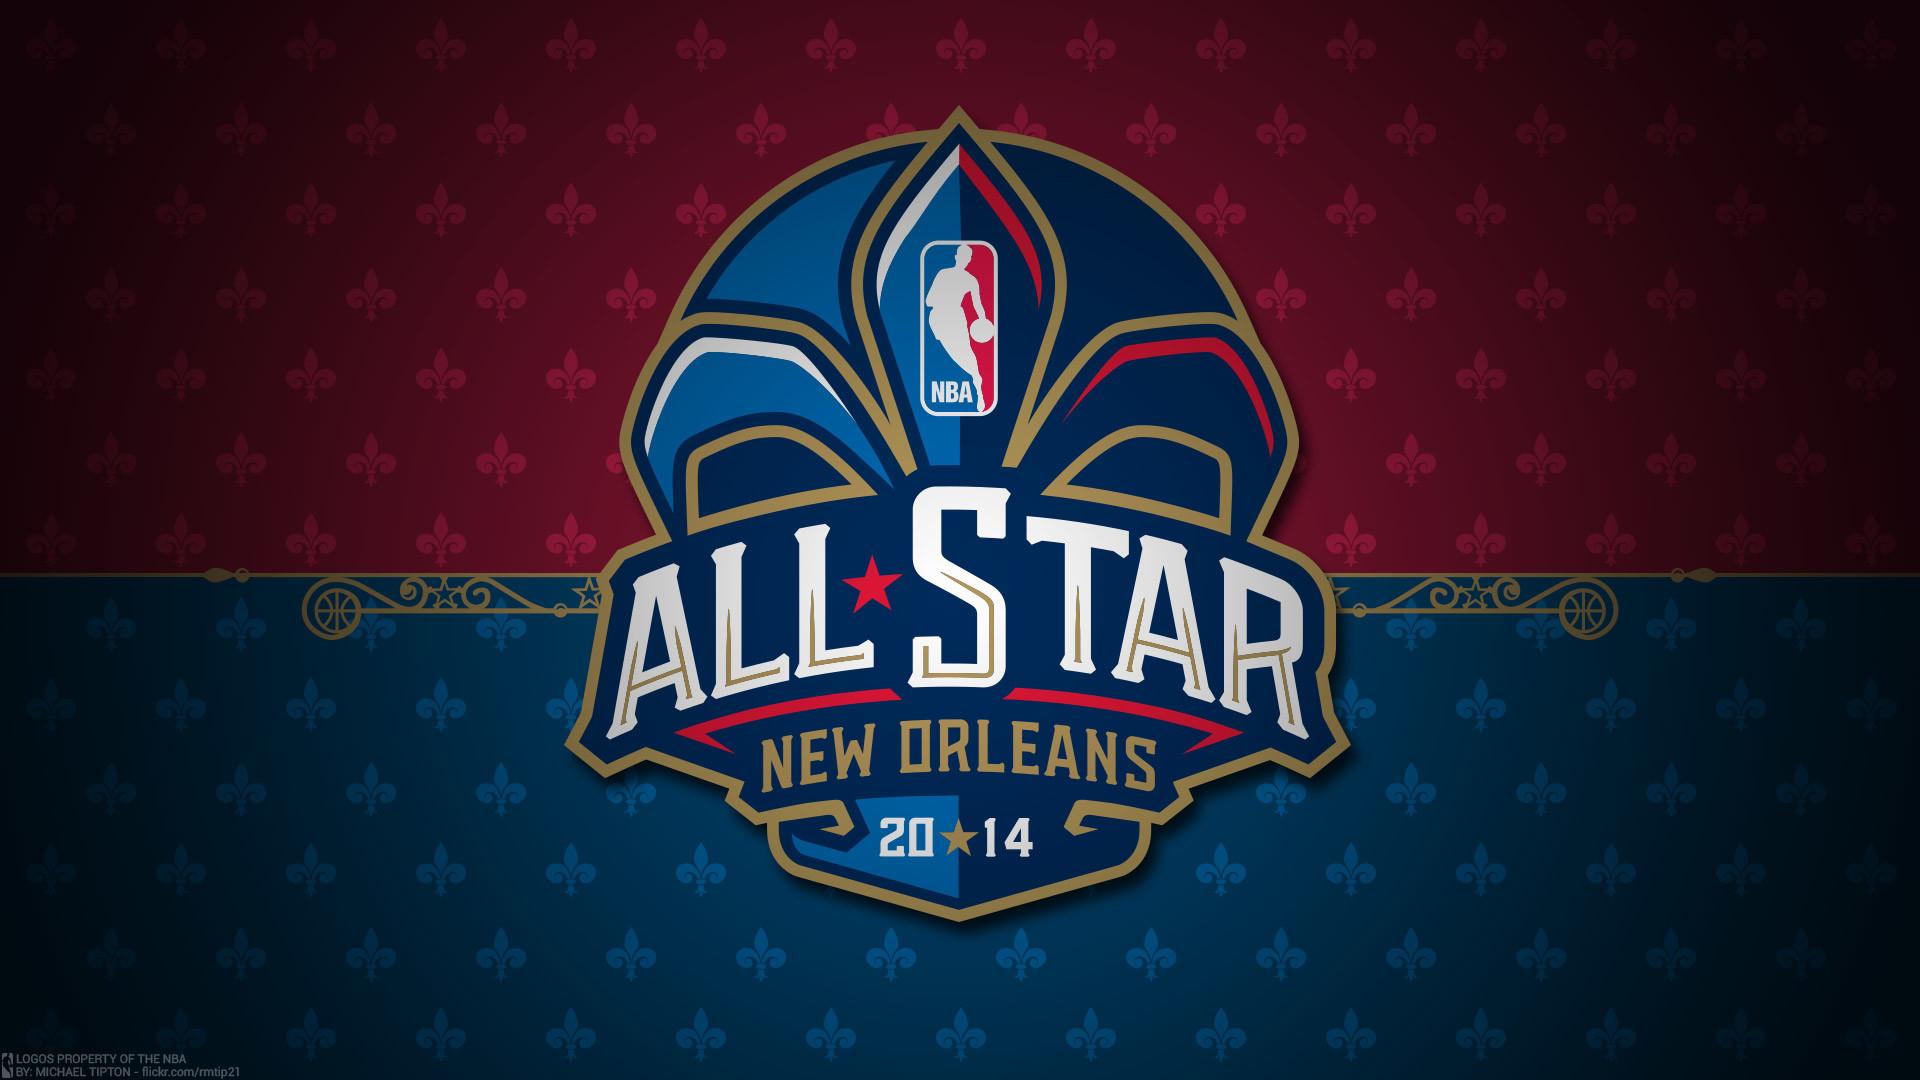 2014 NBA All-Star Logo Wallpaper